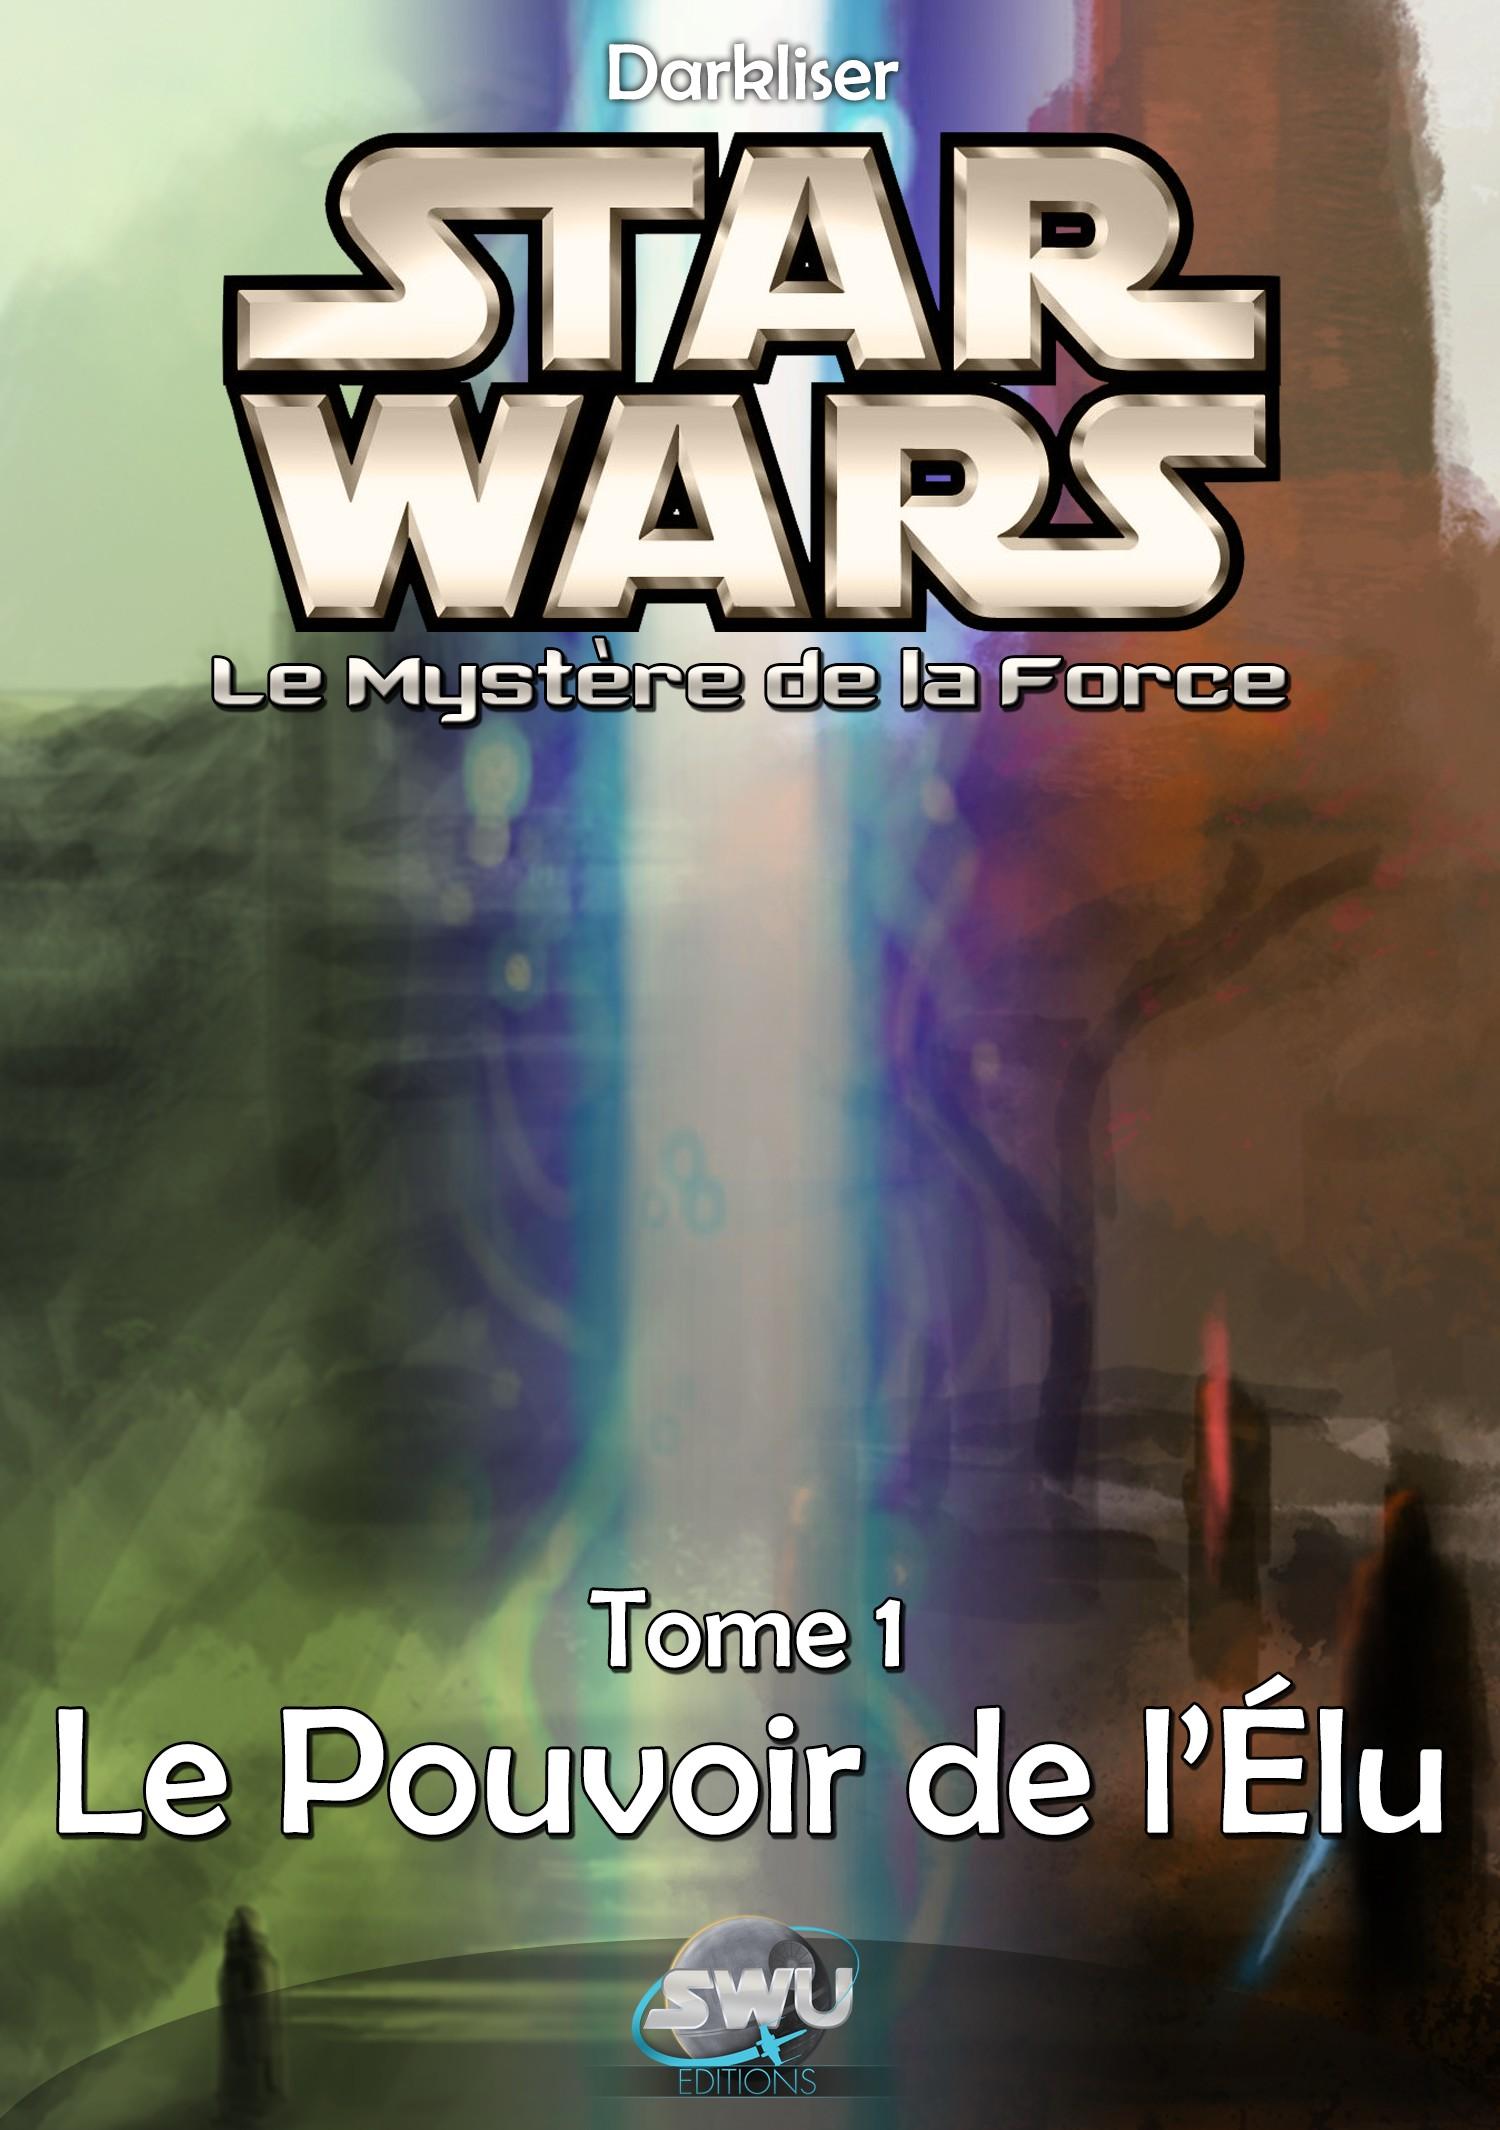 Le Mystère de la Force - Tome 1 - Le Pouvoir de l'Élu